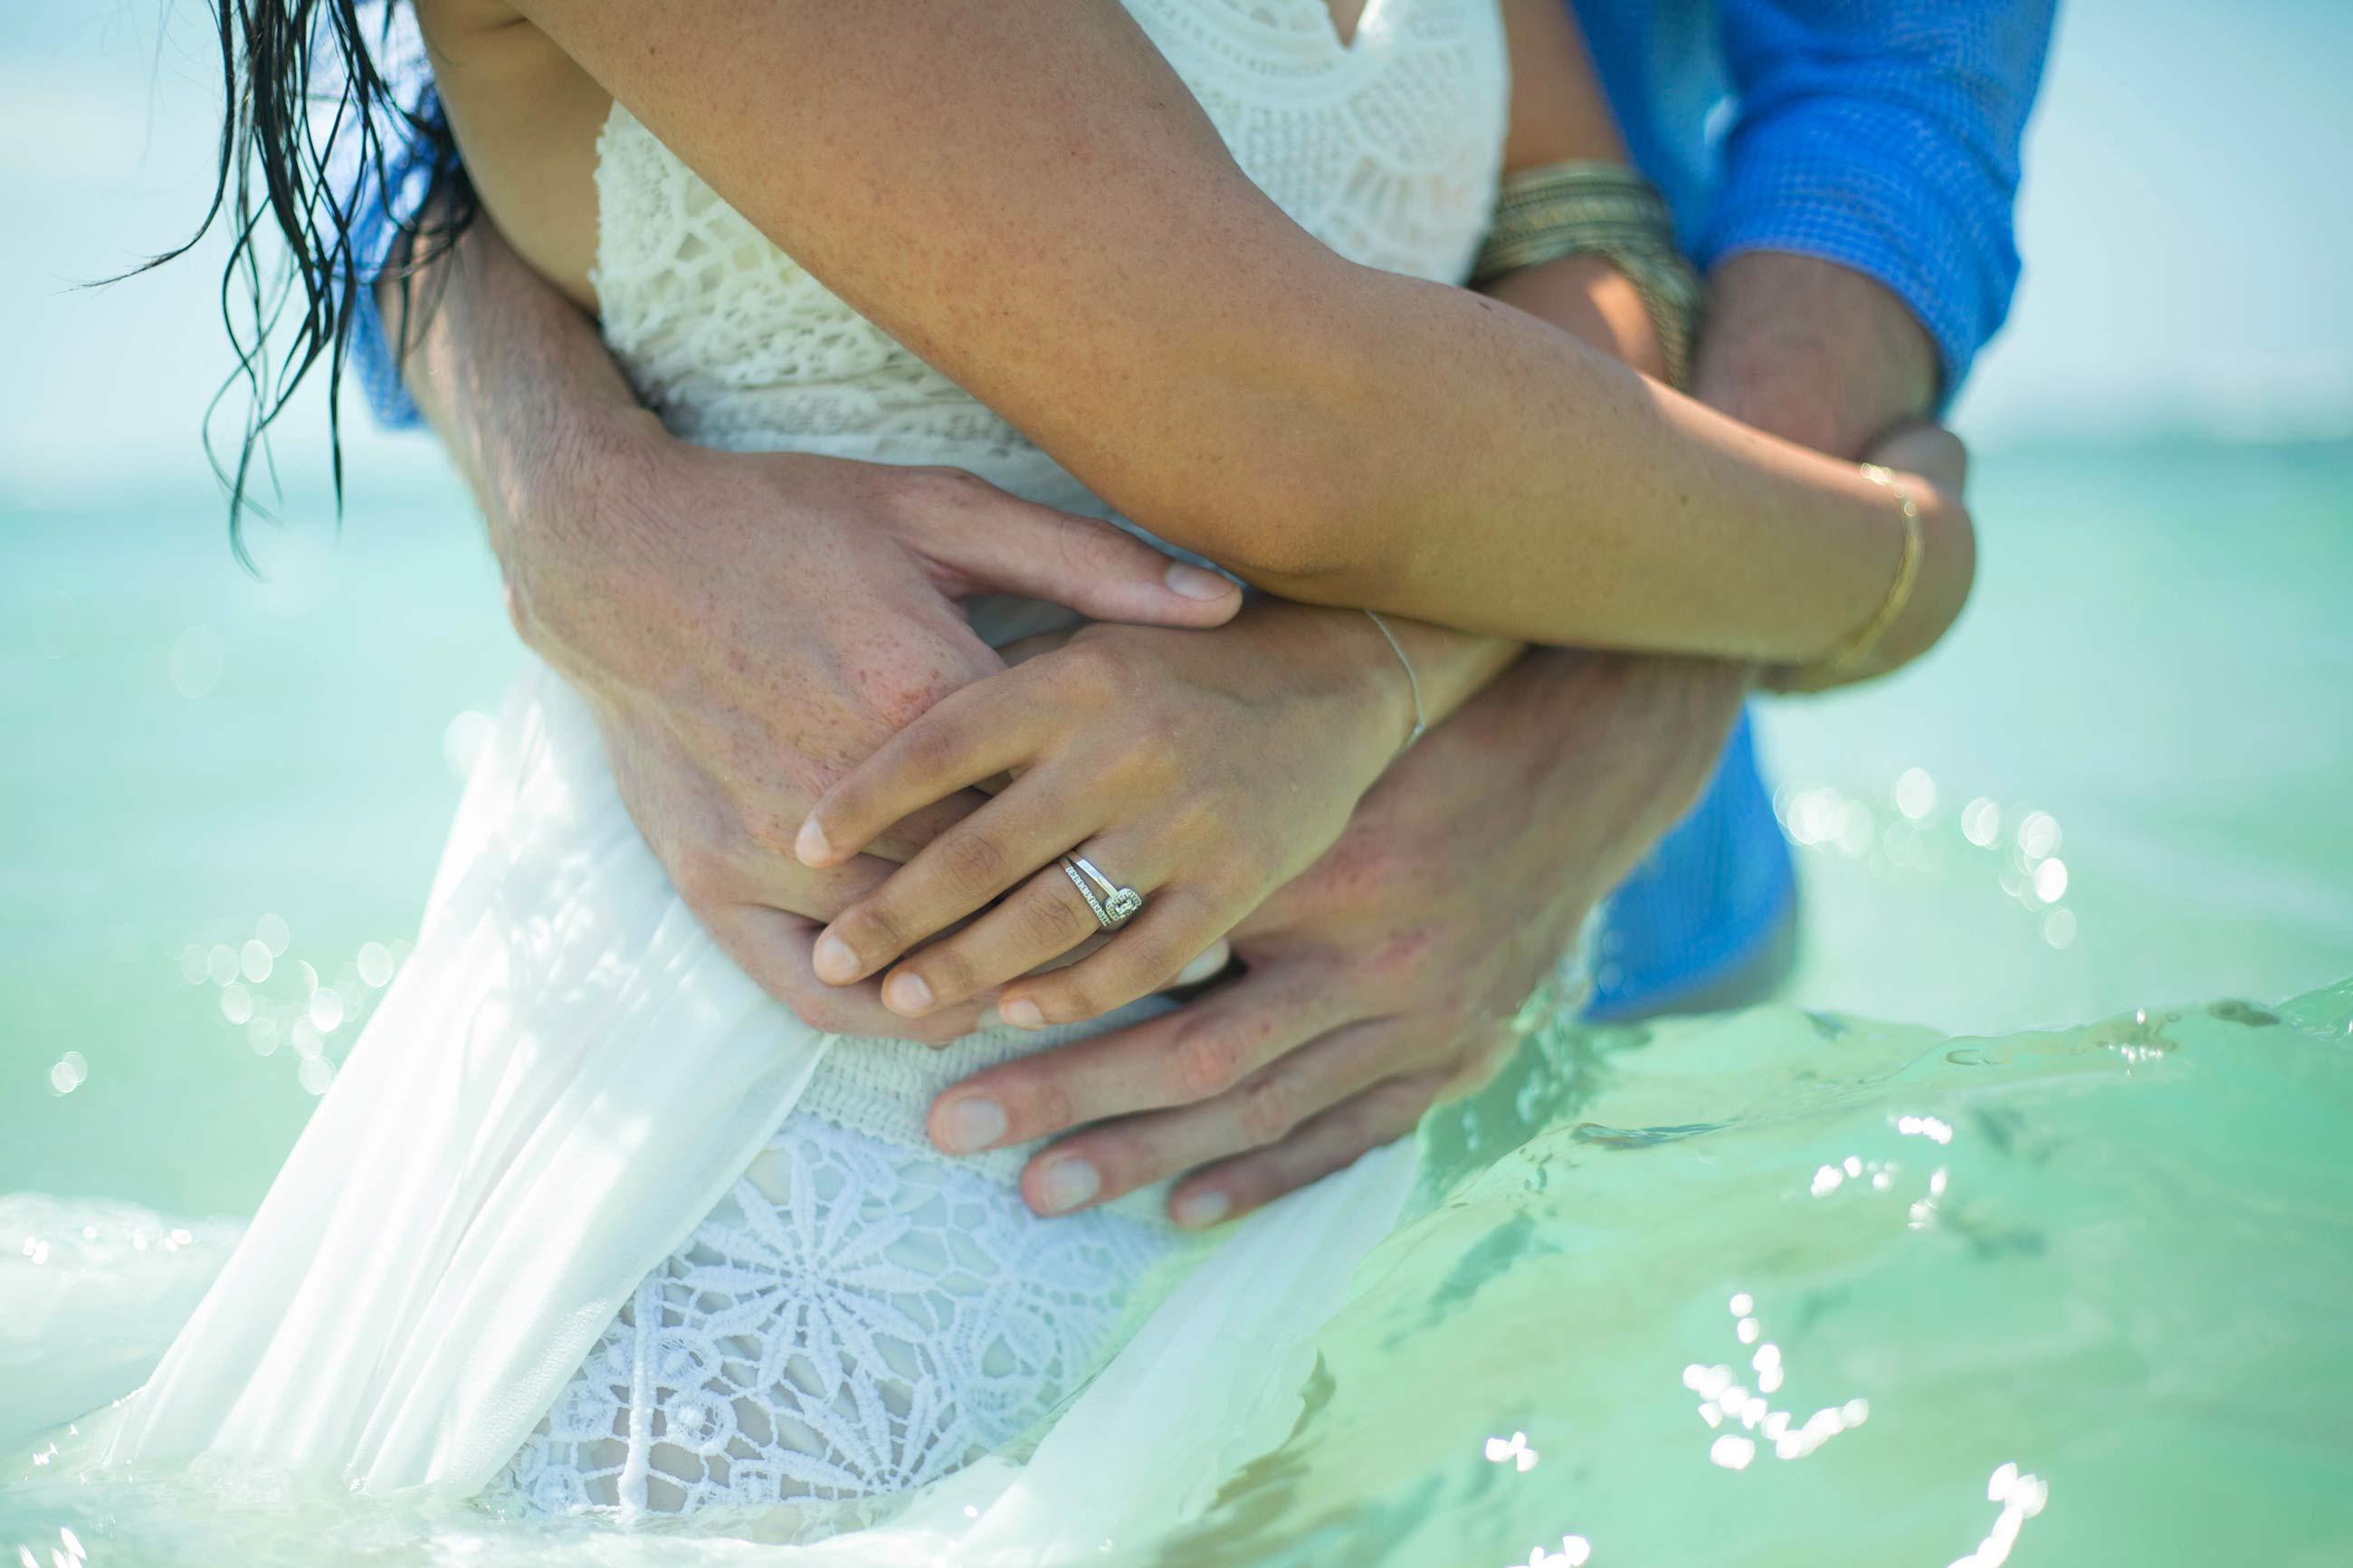 lea-jeremie-mariage-tel-aviv-israel-photographe-paris-video15